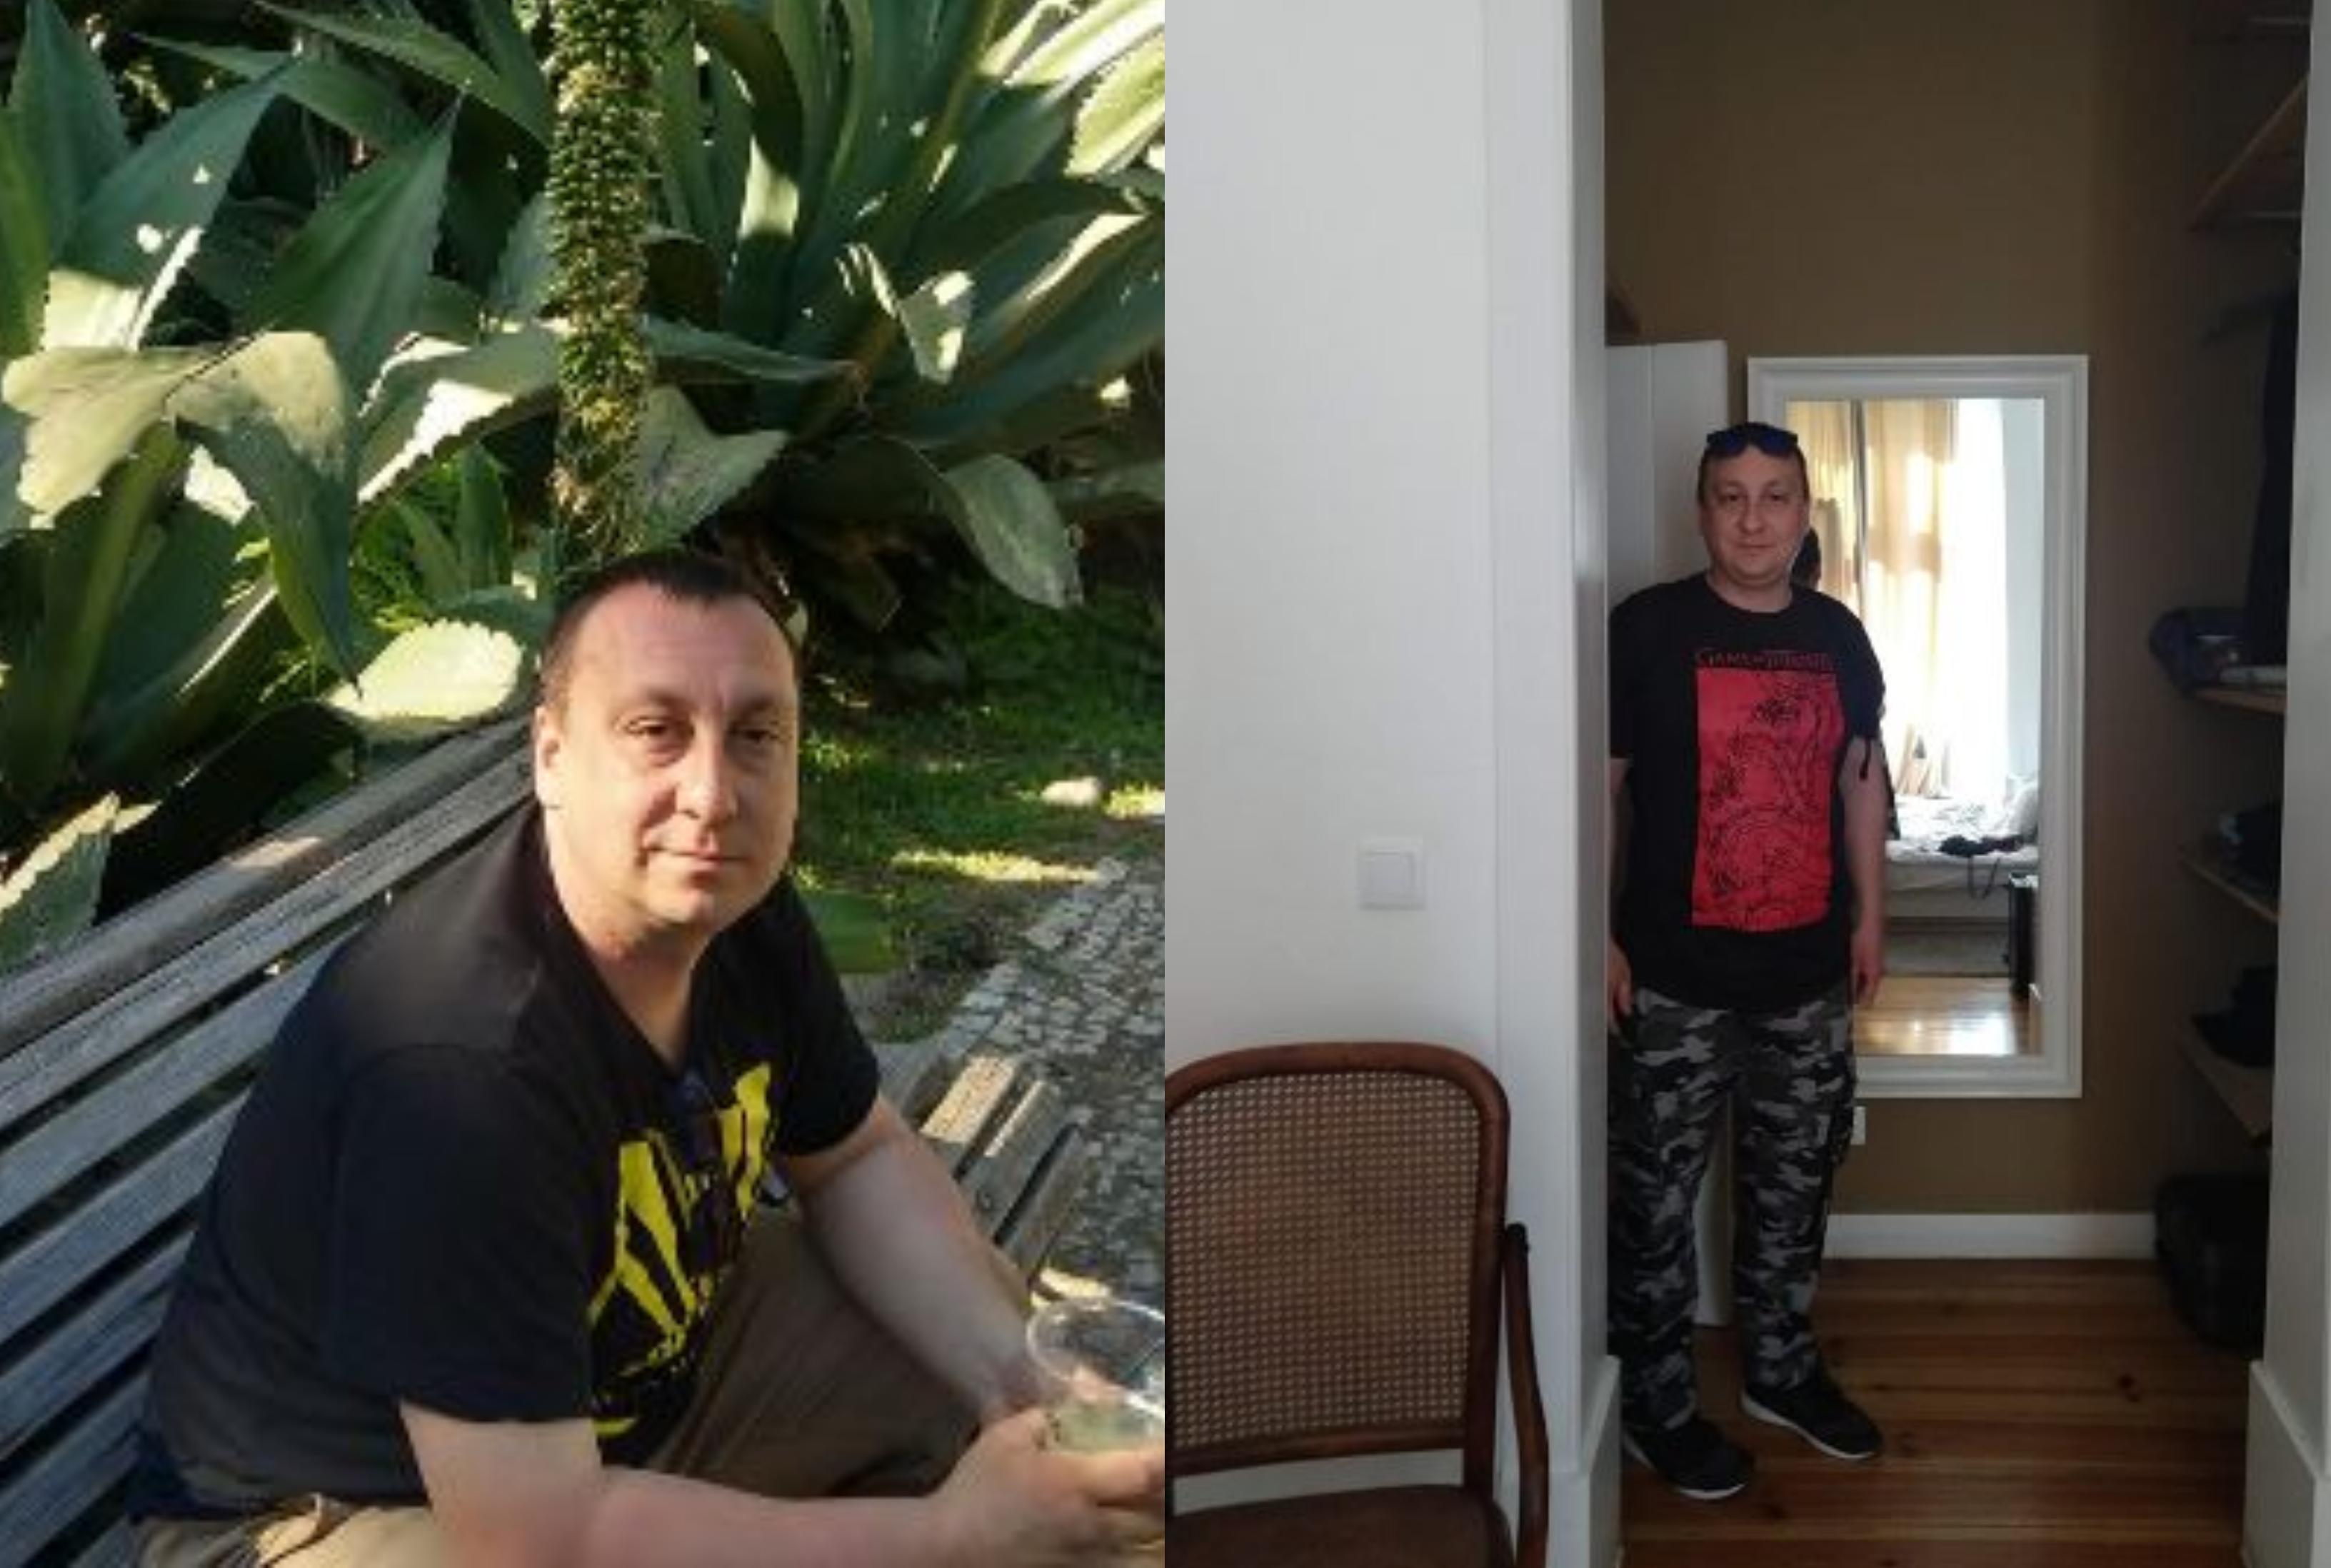 Roman Jagodziński zaczynał w szpitalu, jako sanitariusz na ortopedii (fot. Archiwum prywatne)